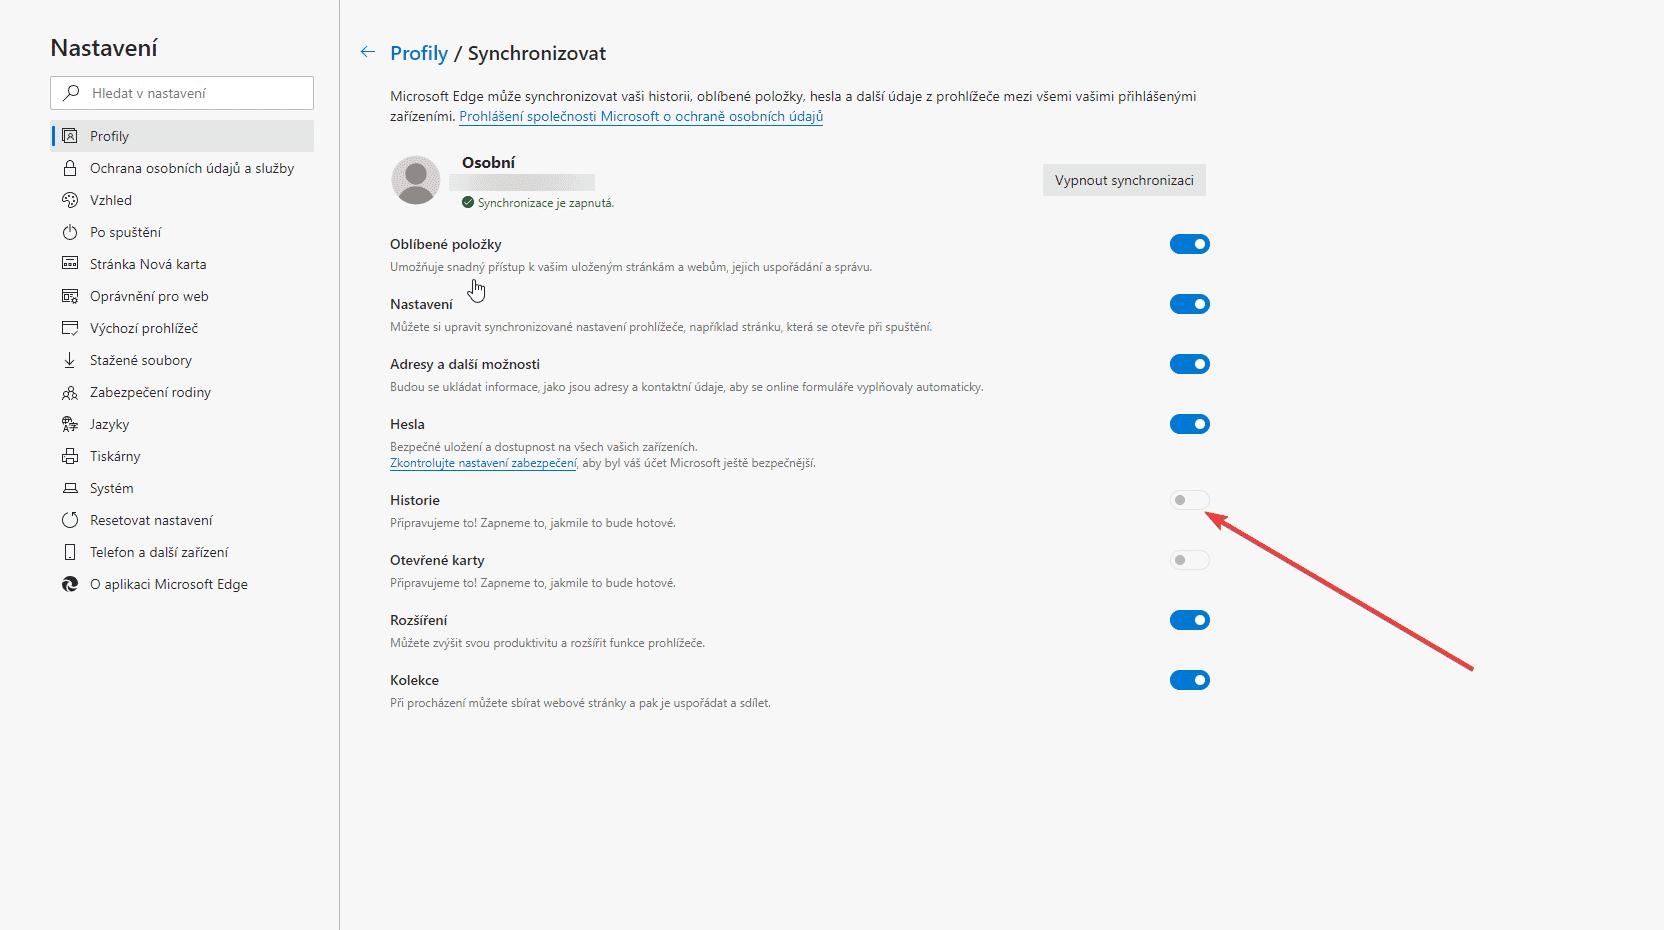 Historie prohlížeče Microsoft Edge se nesynchronizuje